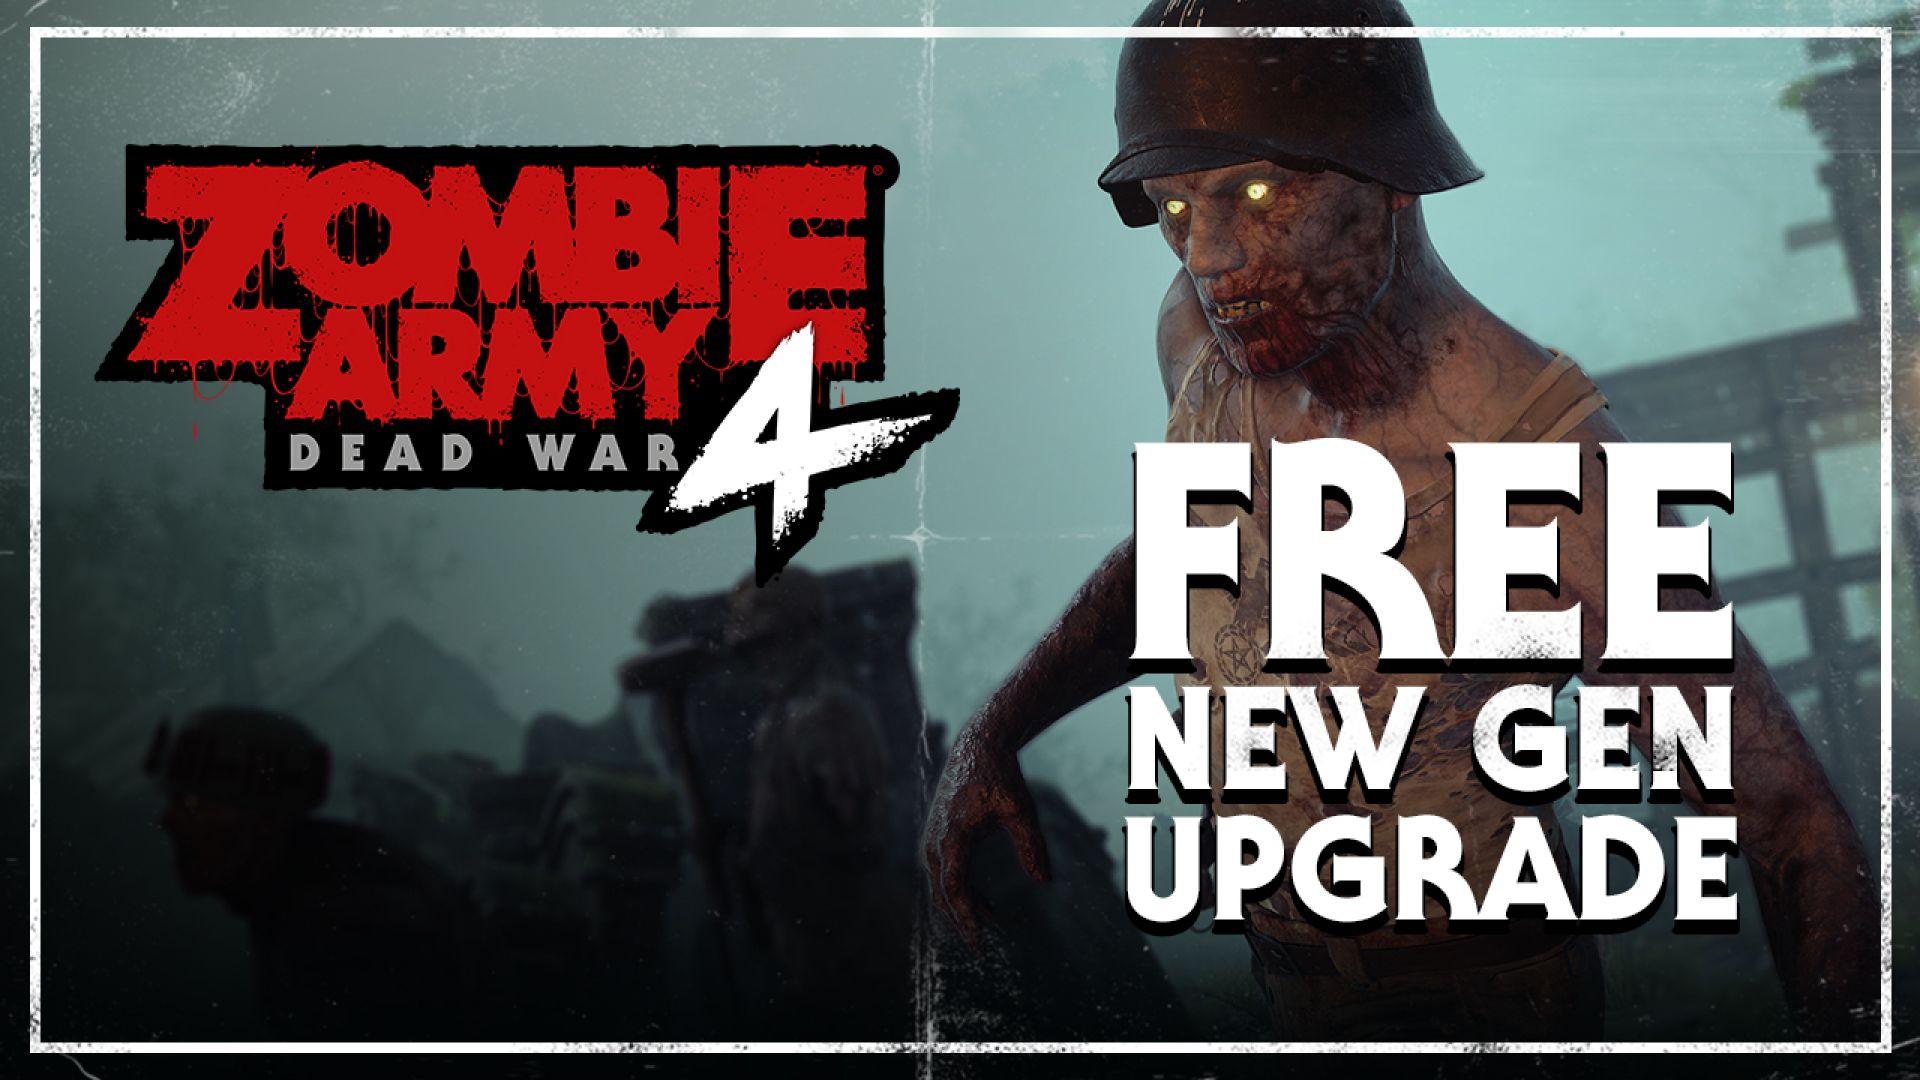 zombiearmy.com